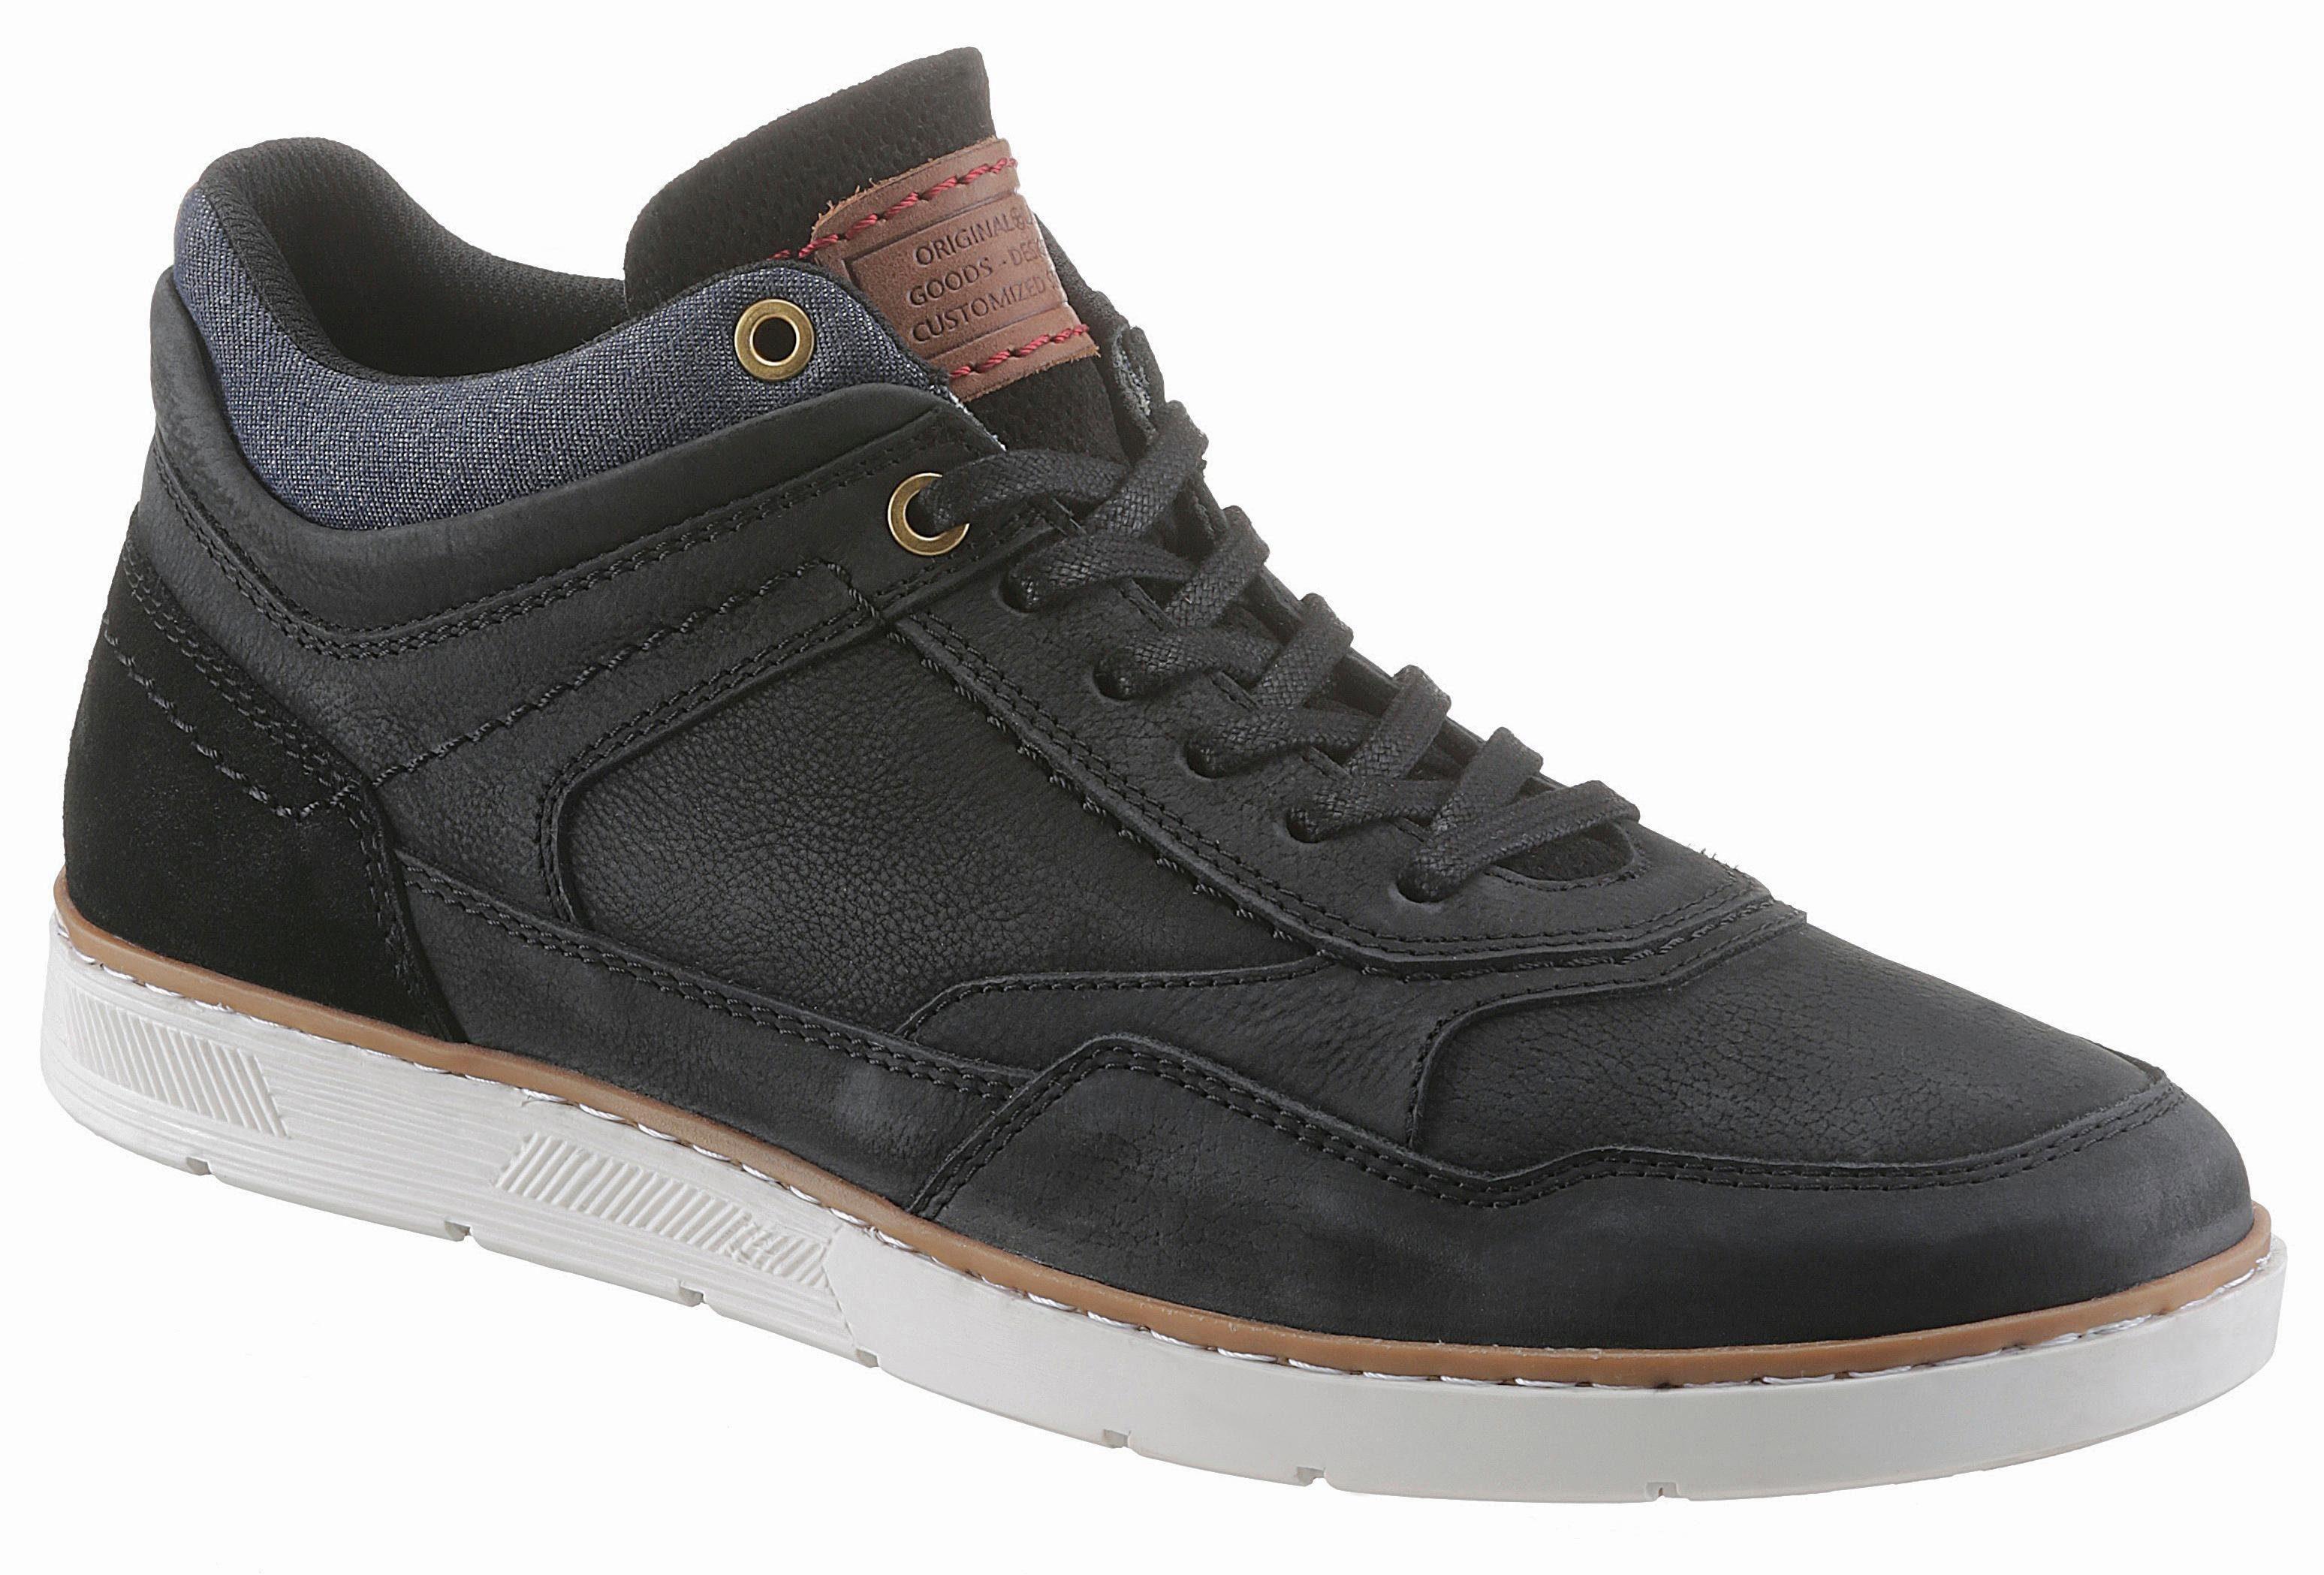 PETROLIO Sneaker, mit stylischem Jeans-Einsatz  schwarz-used